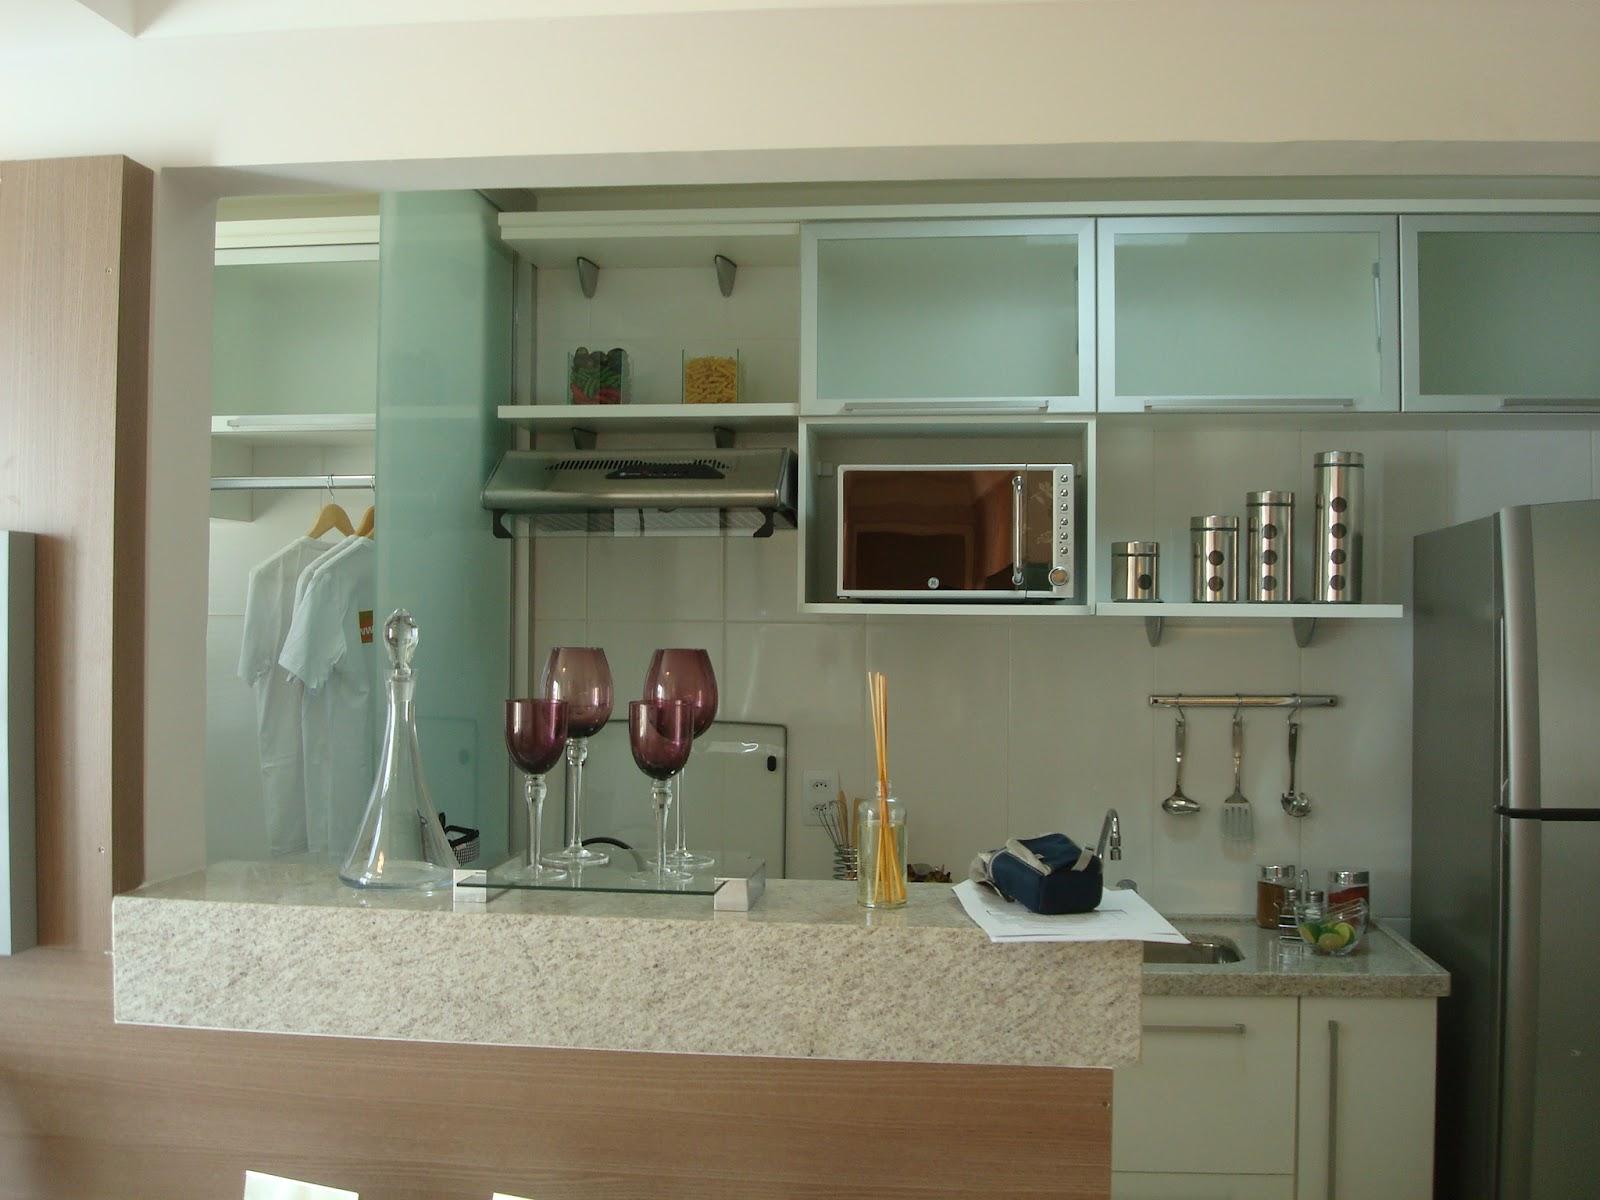 #654C34 vidro é uma ótima opção para fazer a divisão dos ambientes  1600x1200 px Qual A Altura Padrão Da Bancada De Uma Cozinha Americana #963 imagens